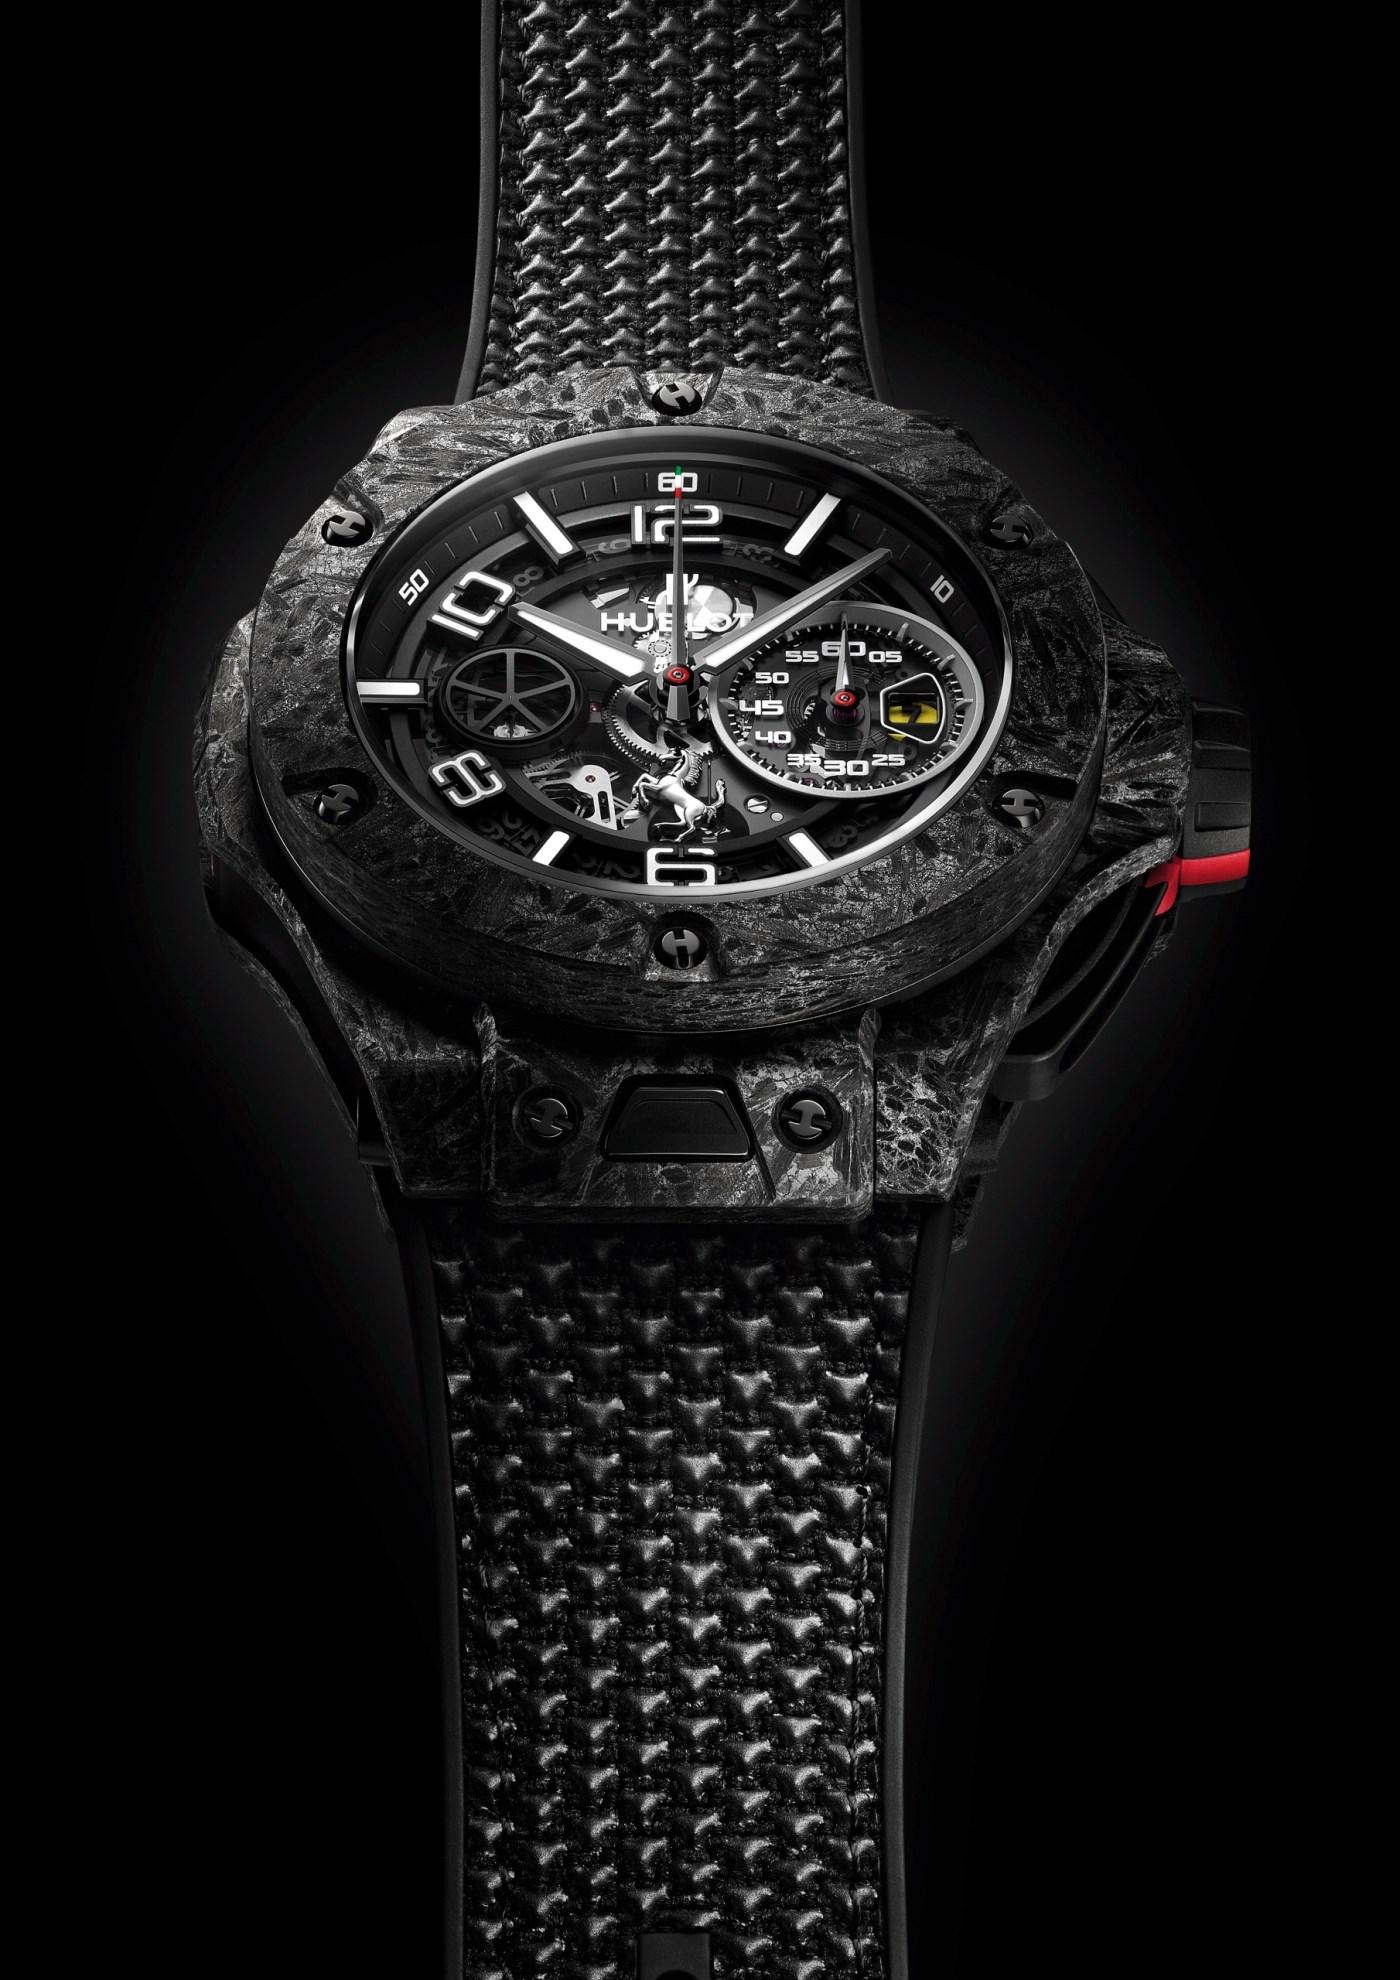 2020 Hublot Big Bang Ferrari 1000 GP carbon ceramic front angled